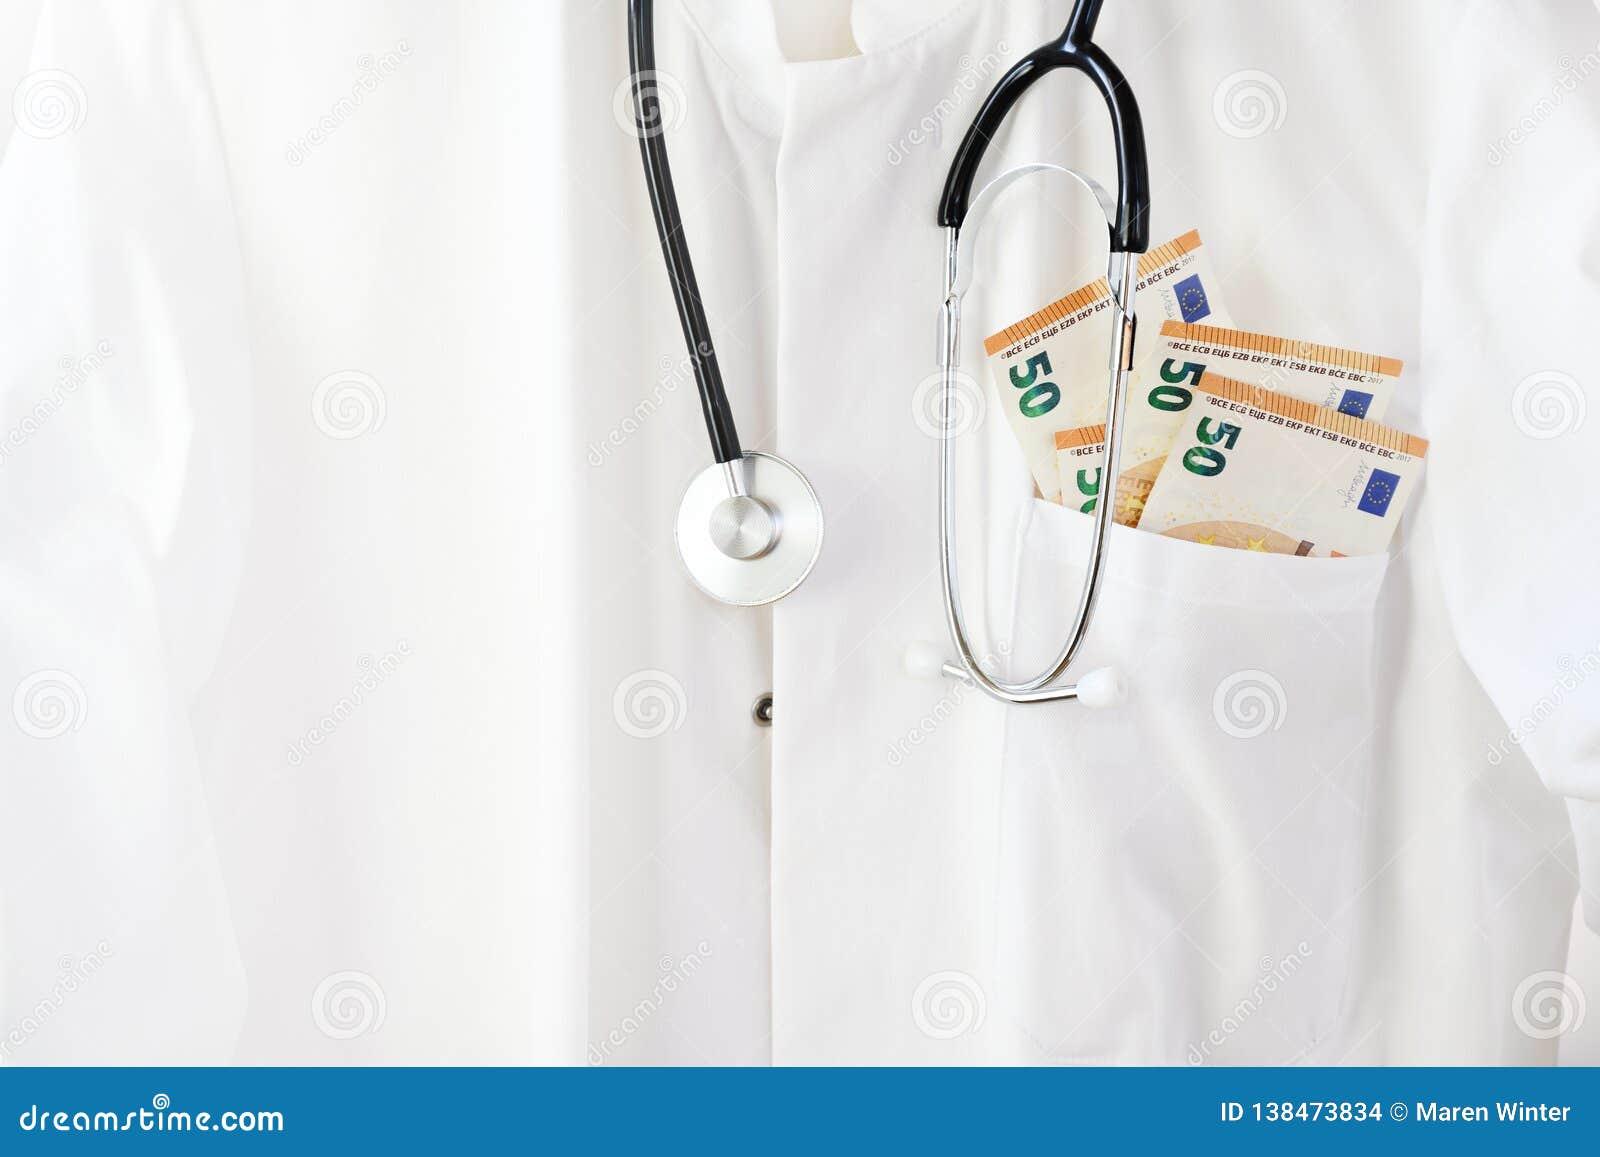 Medische arts of arts laag met stethoscoop en euro geld in de zak, gezondheidszorgkosten en corruptieconcept met exemplaar